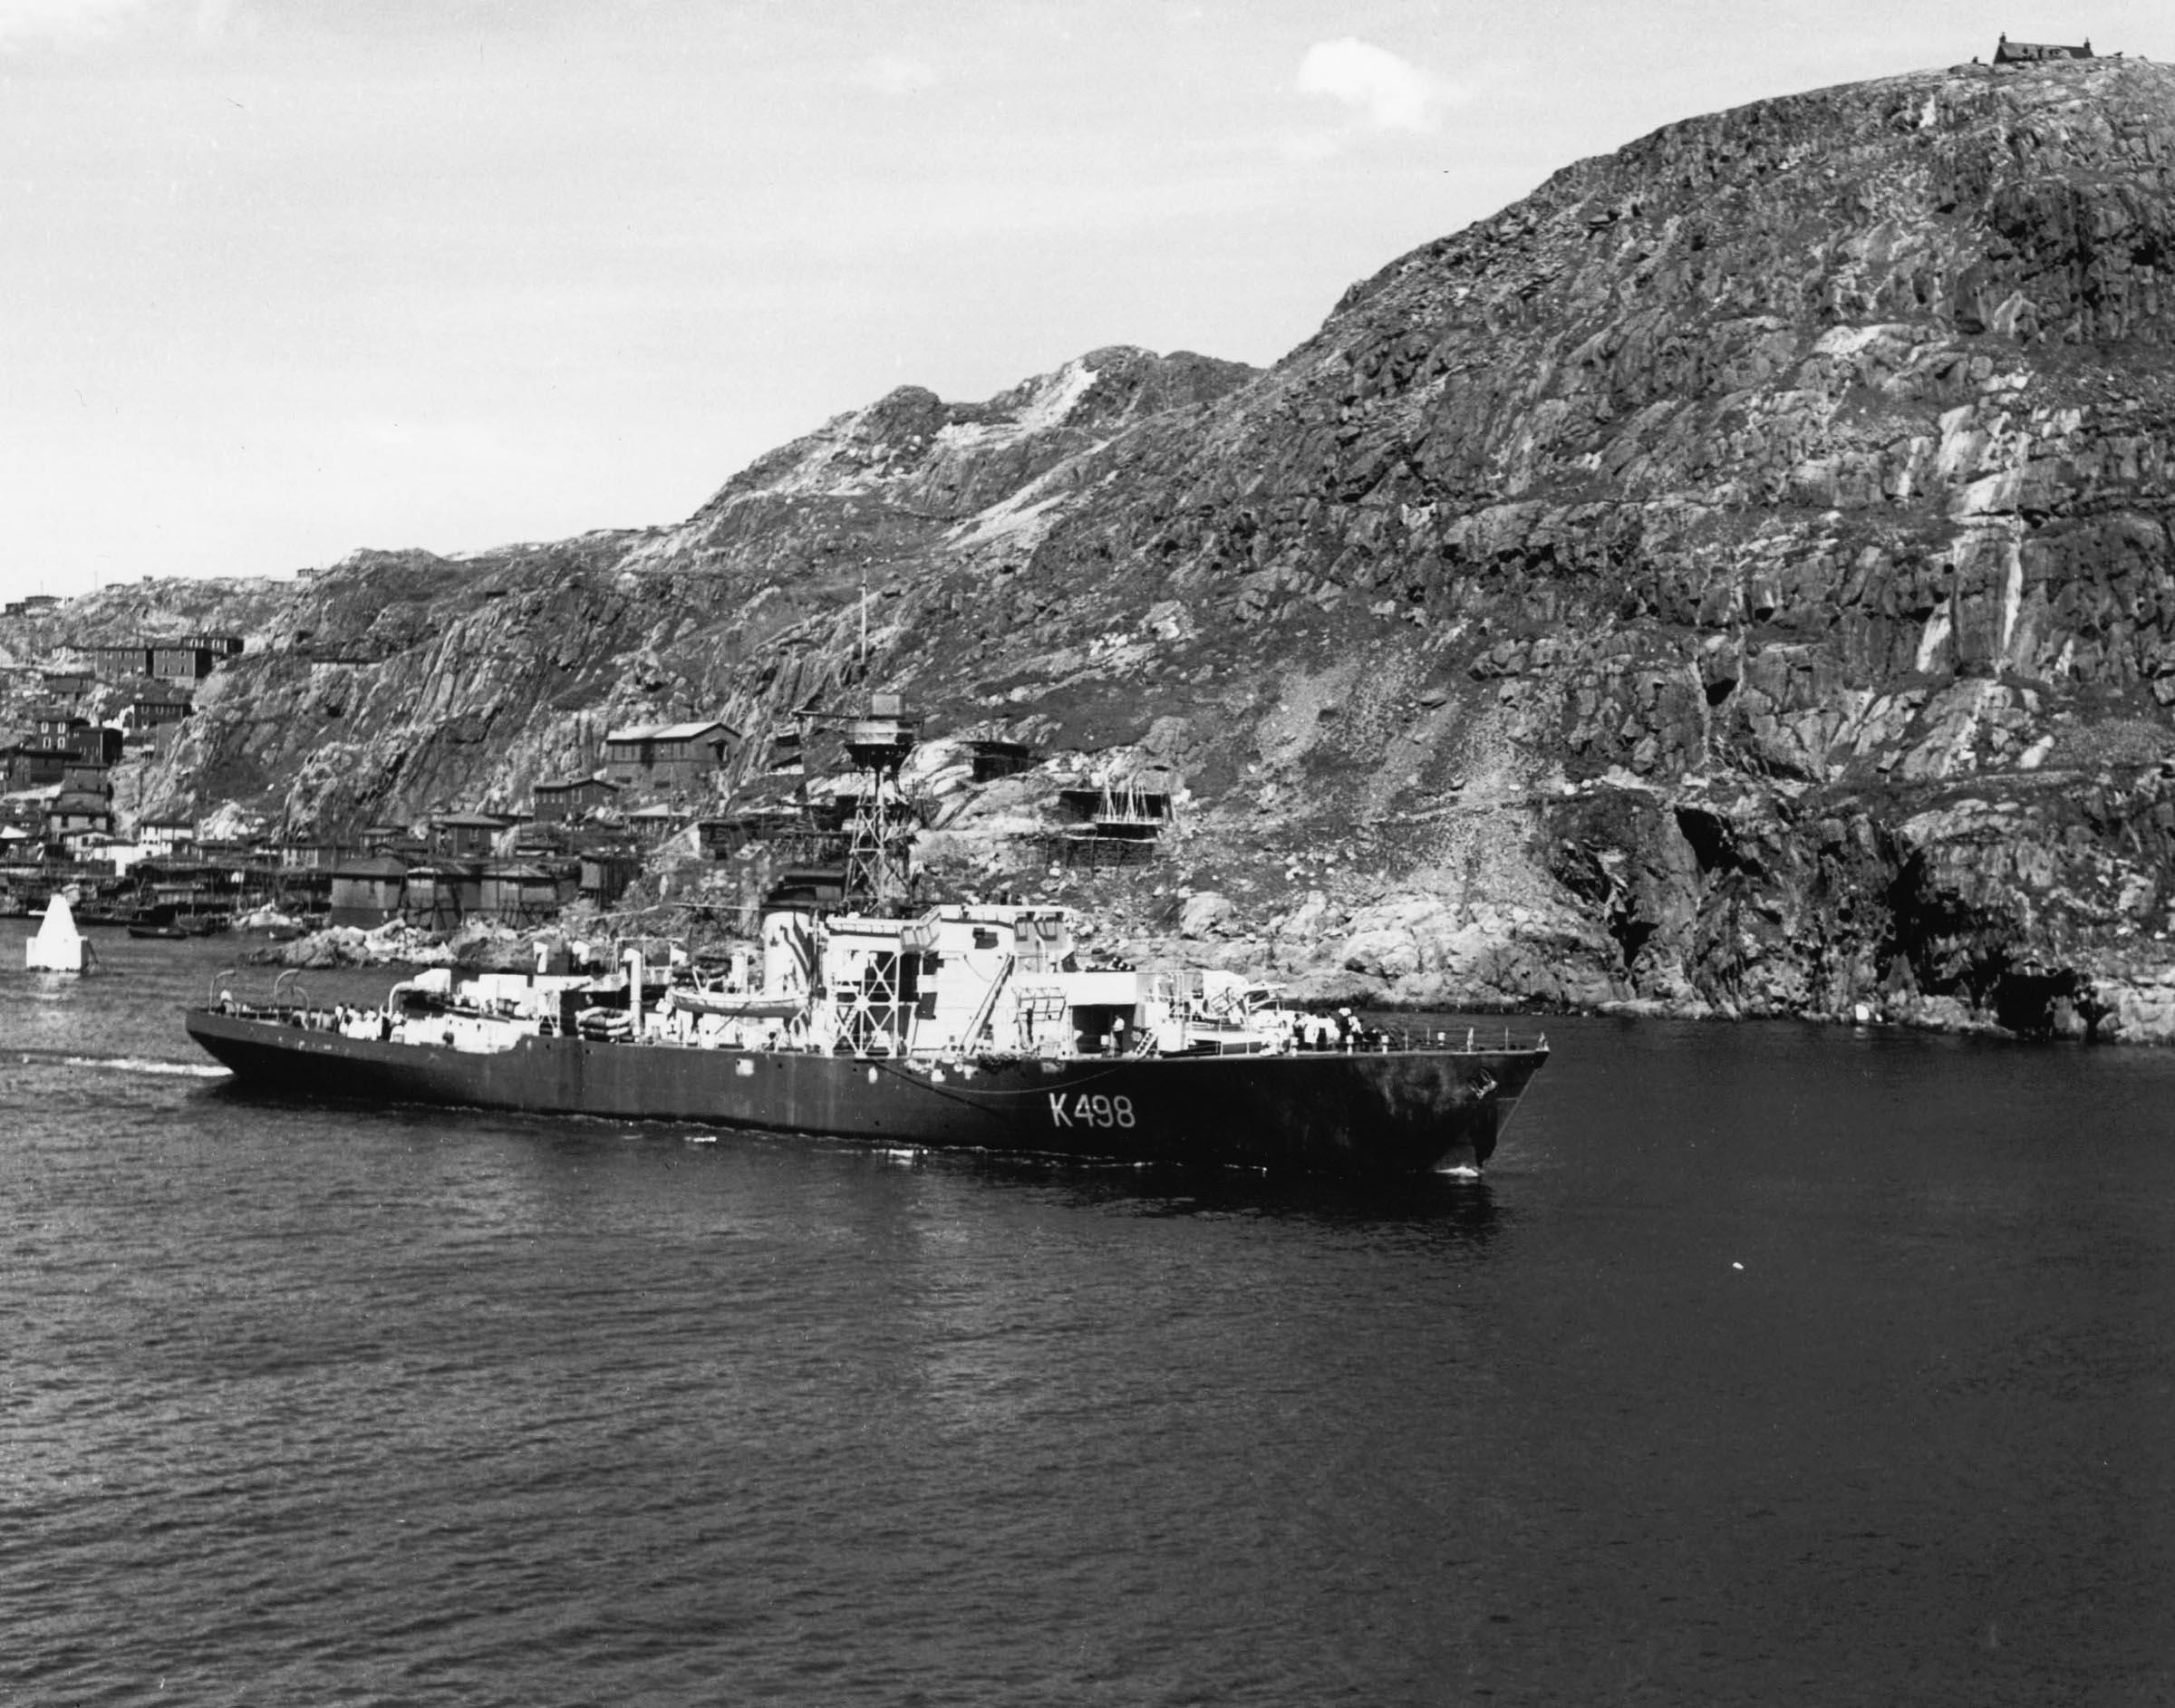 HMCS PETROLIA